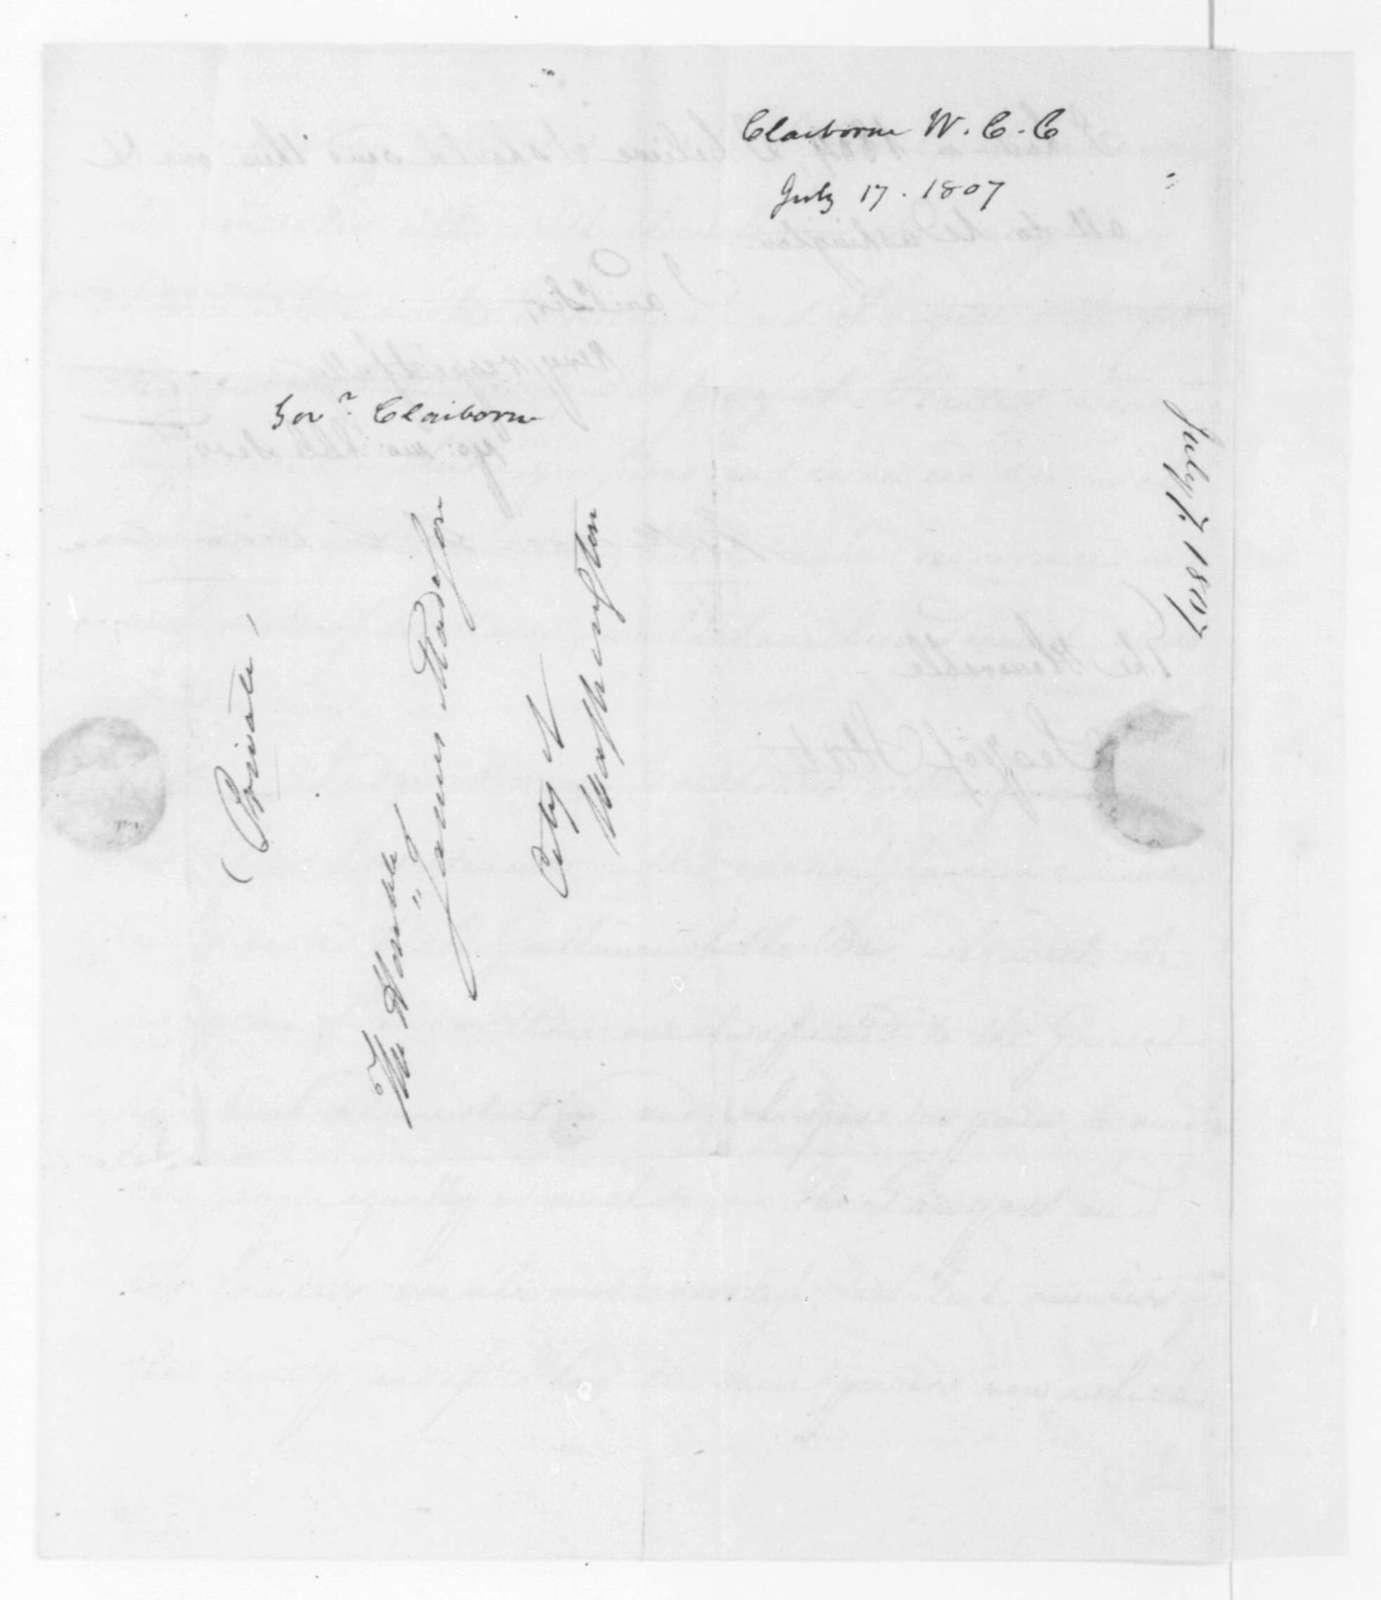 William C. C. Claiborne to James Madison, July 17, 1807.